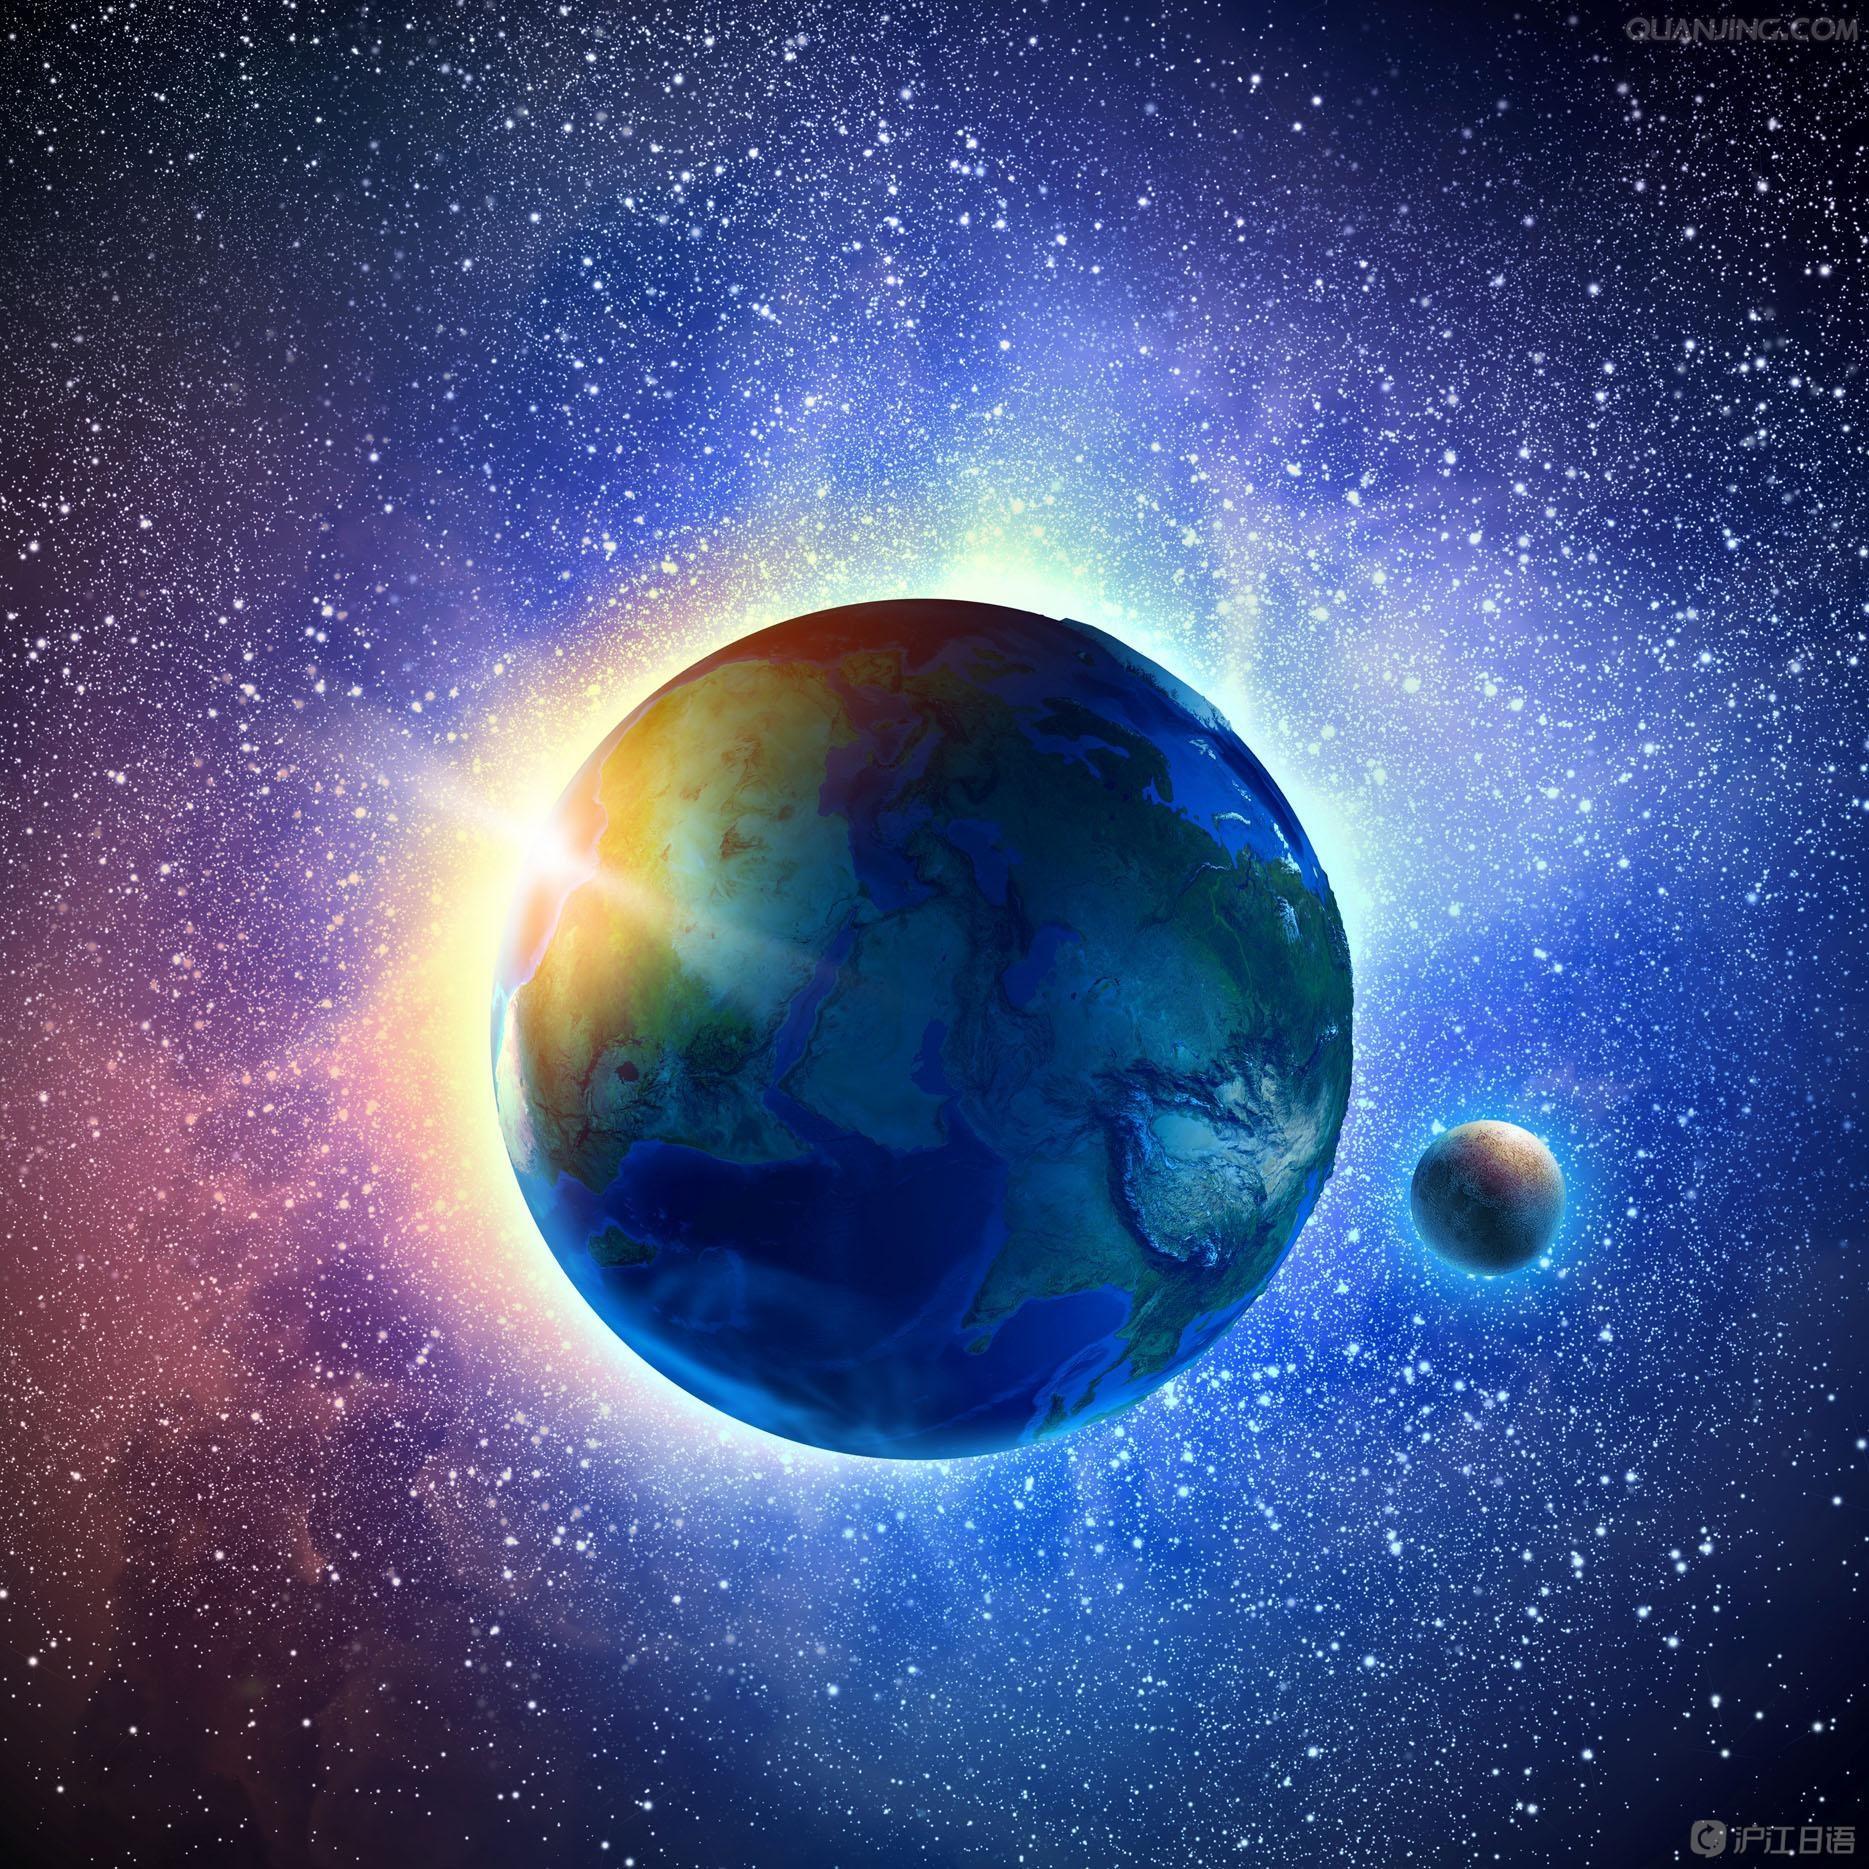 新理论:宇宙经历了二次大爆炸